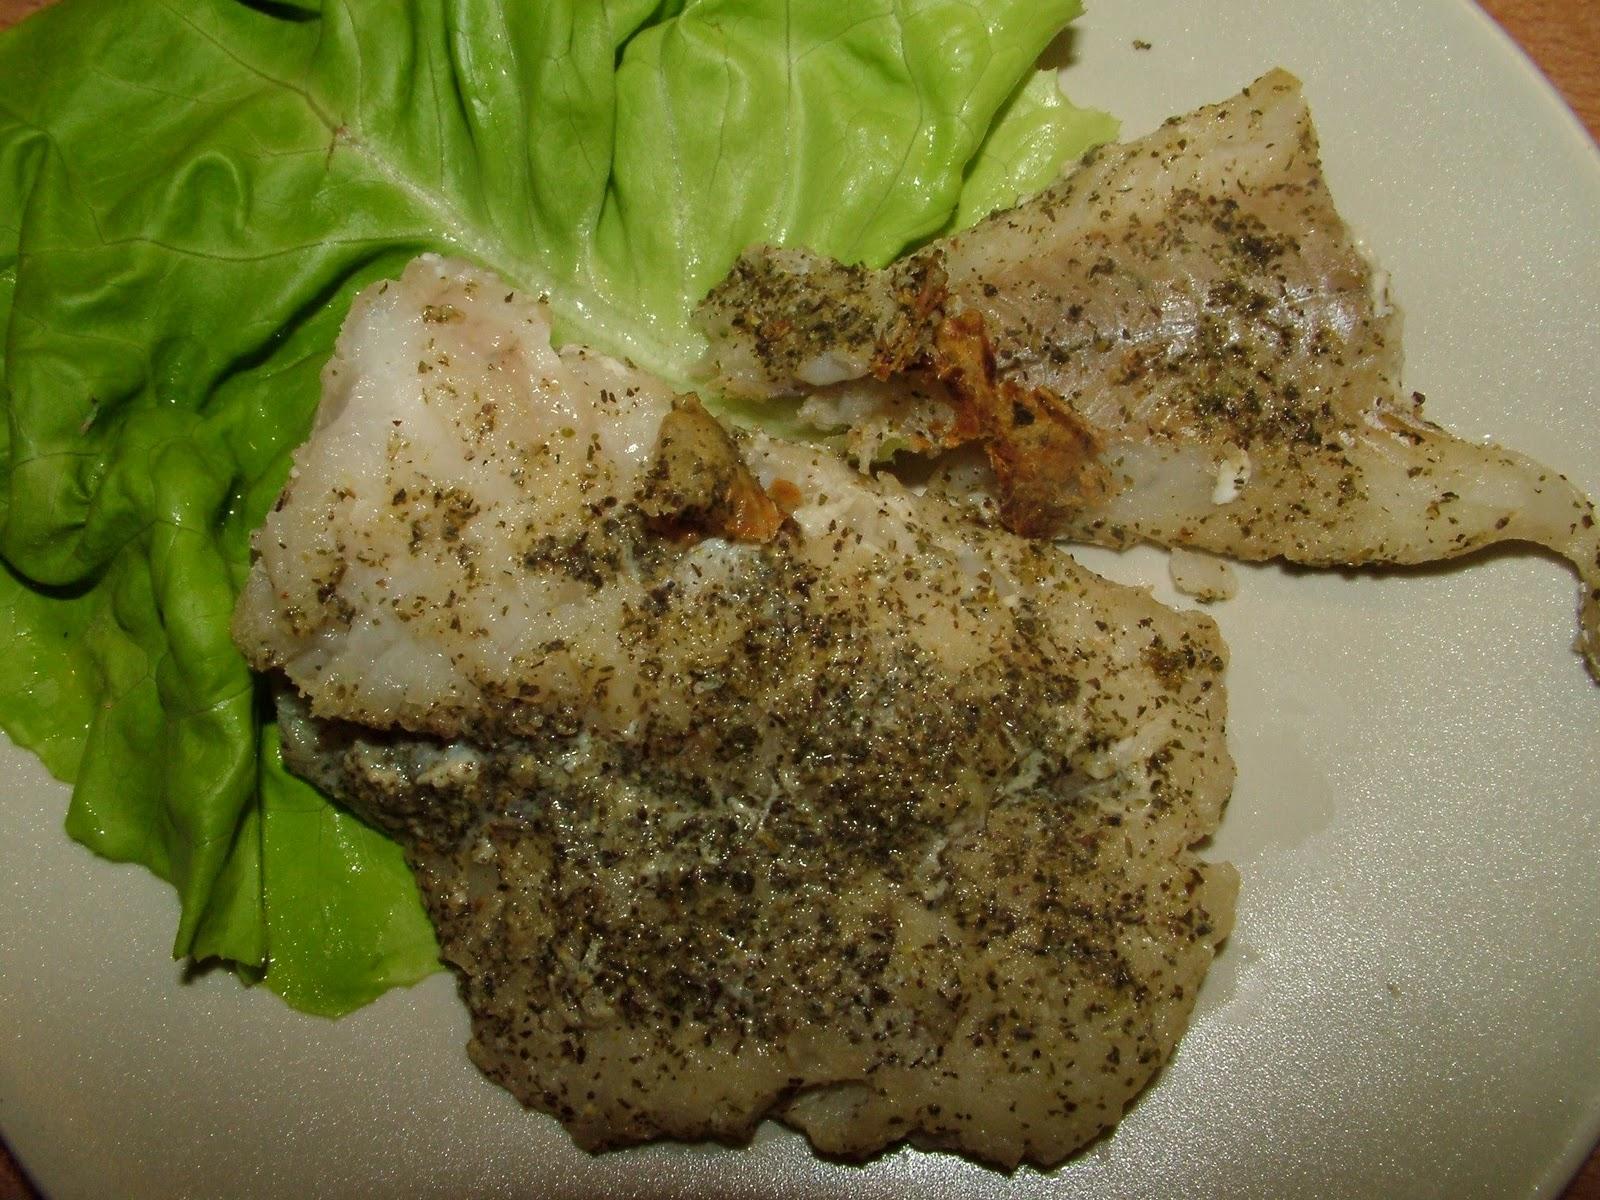 Filety rybne smażone